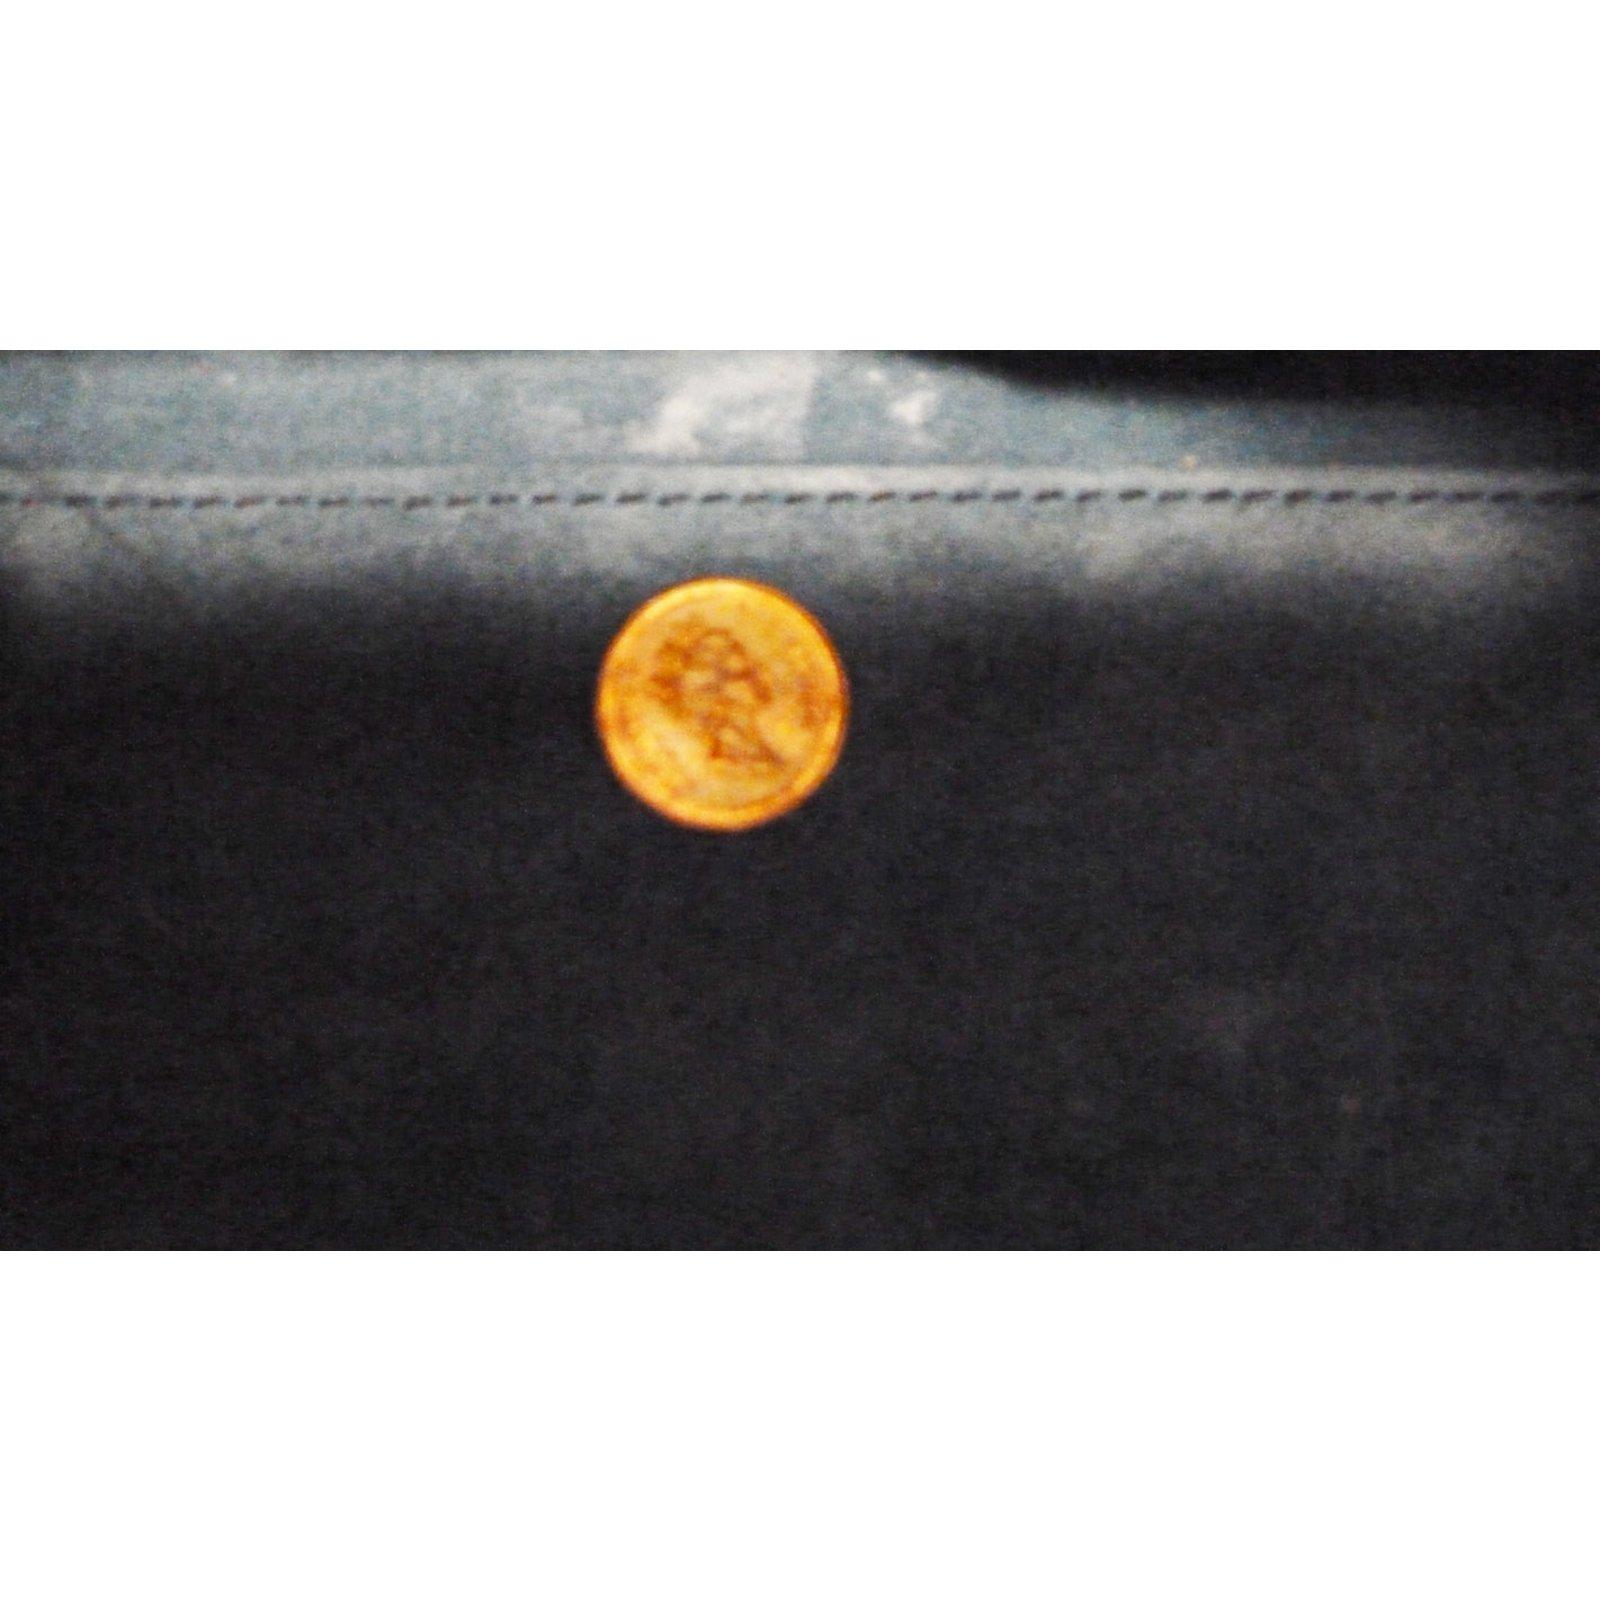 904288e807 Saint Laurent Baby Classic Sac de Jour Satchel Bag Handbags Leather Blue ref .58872 - Joli Closet